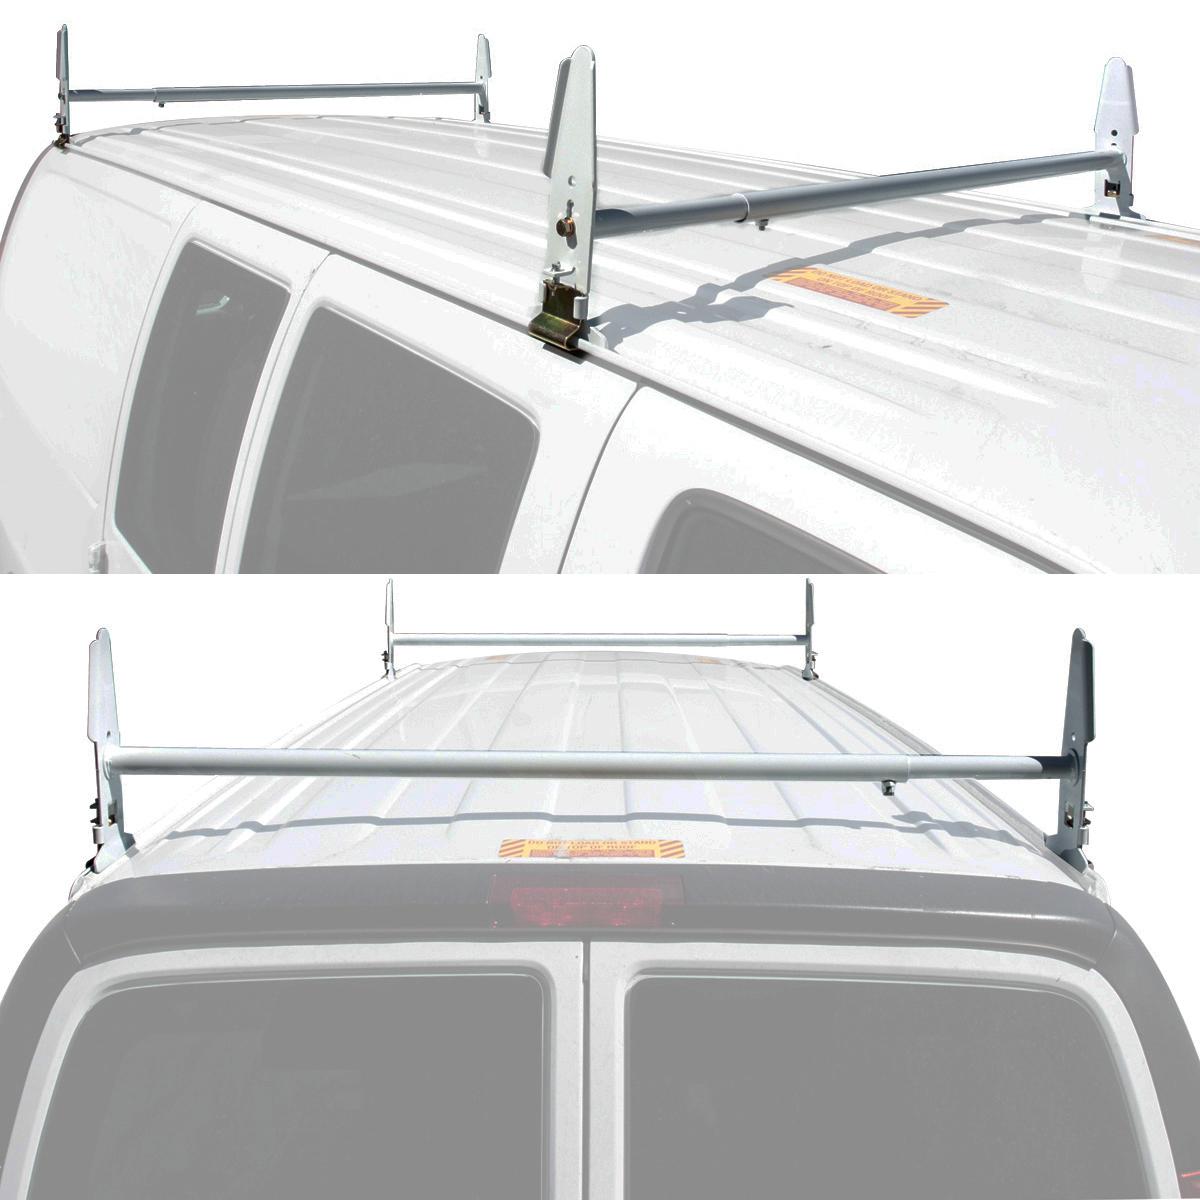 Van Ladder Rack Roof 500 Lb 2 Bars Contractor Chevy Dodge